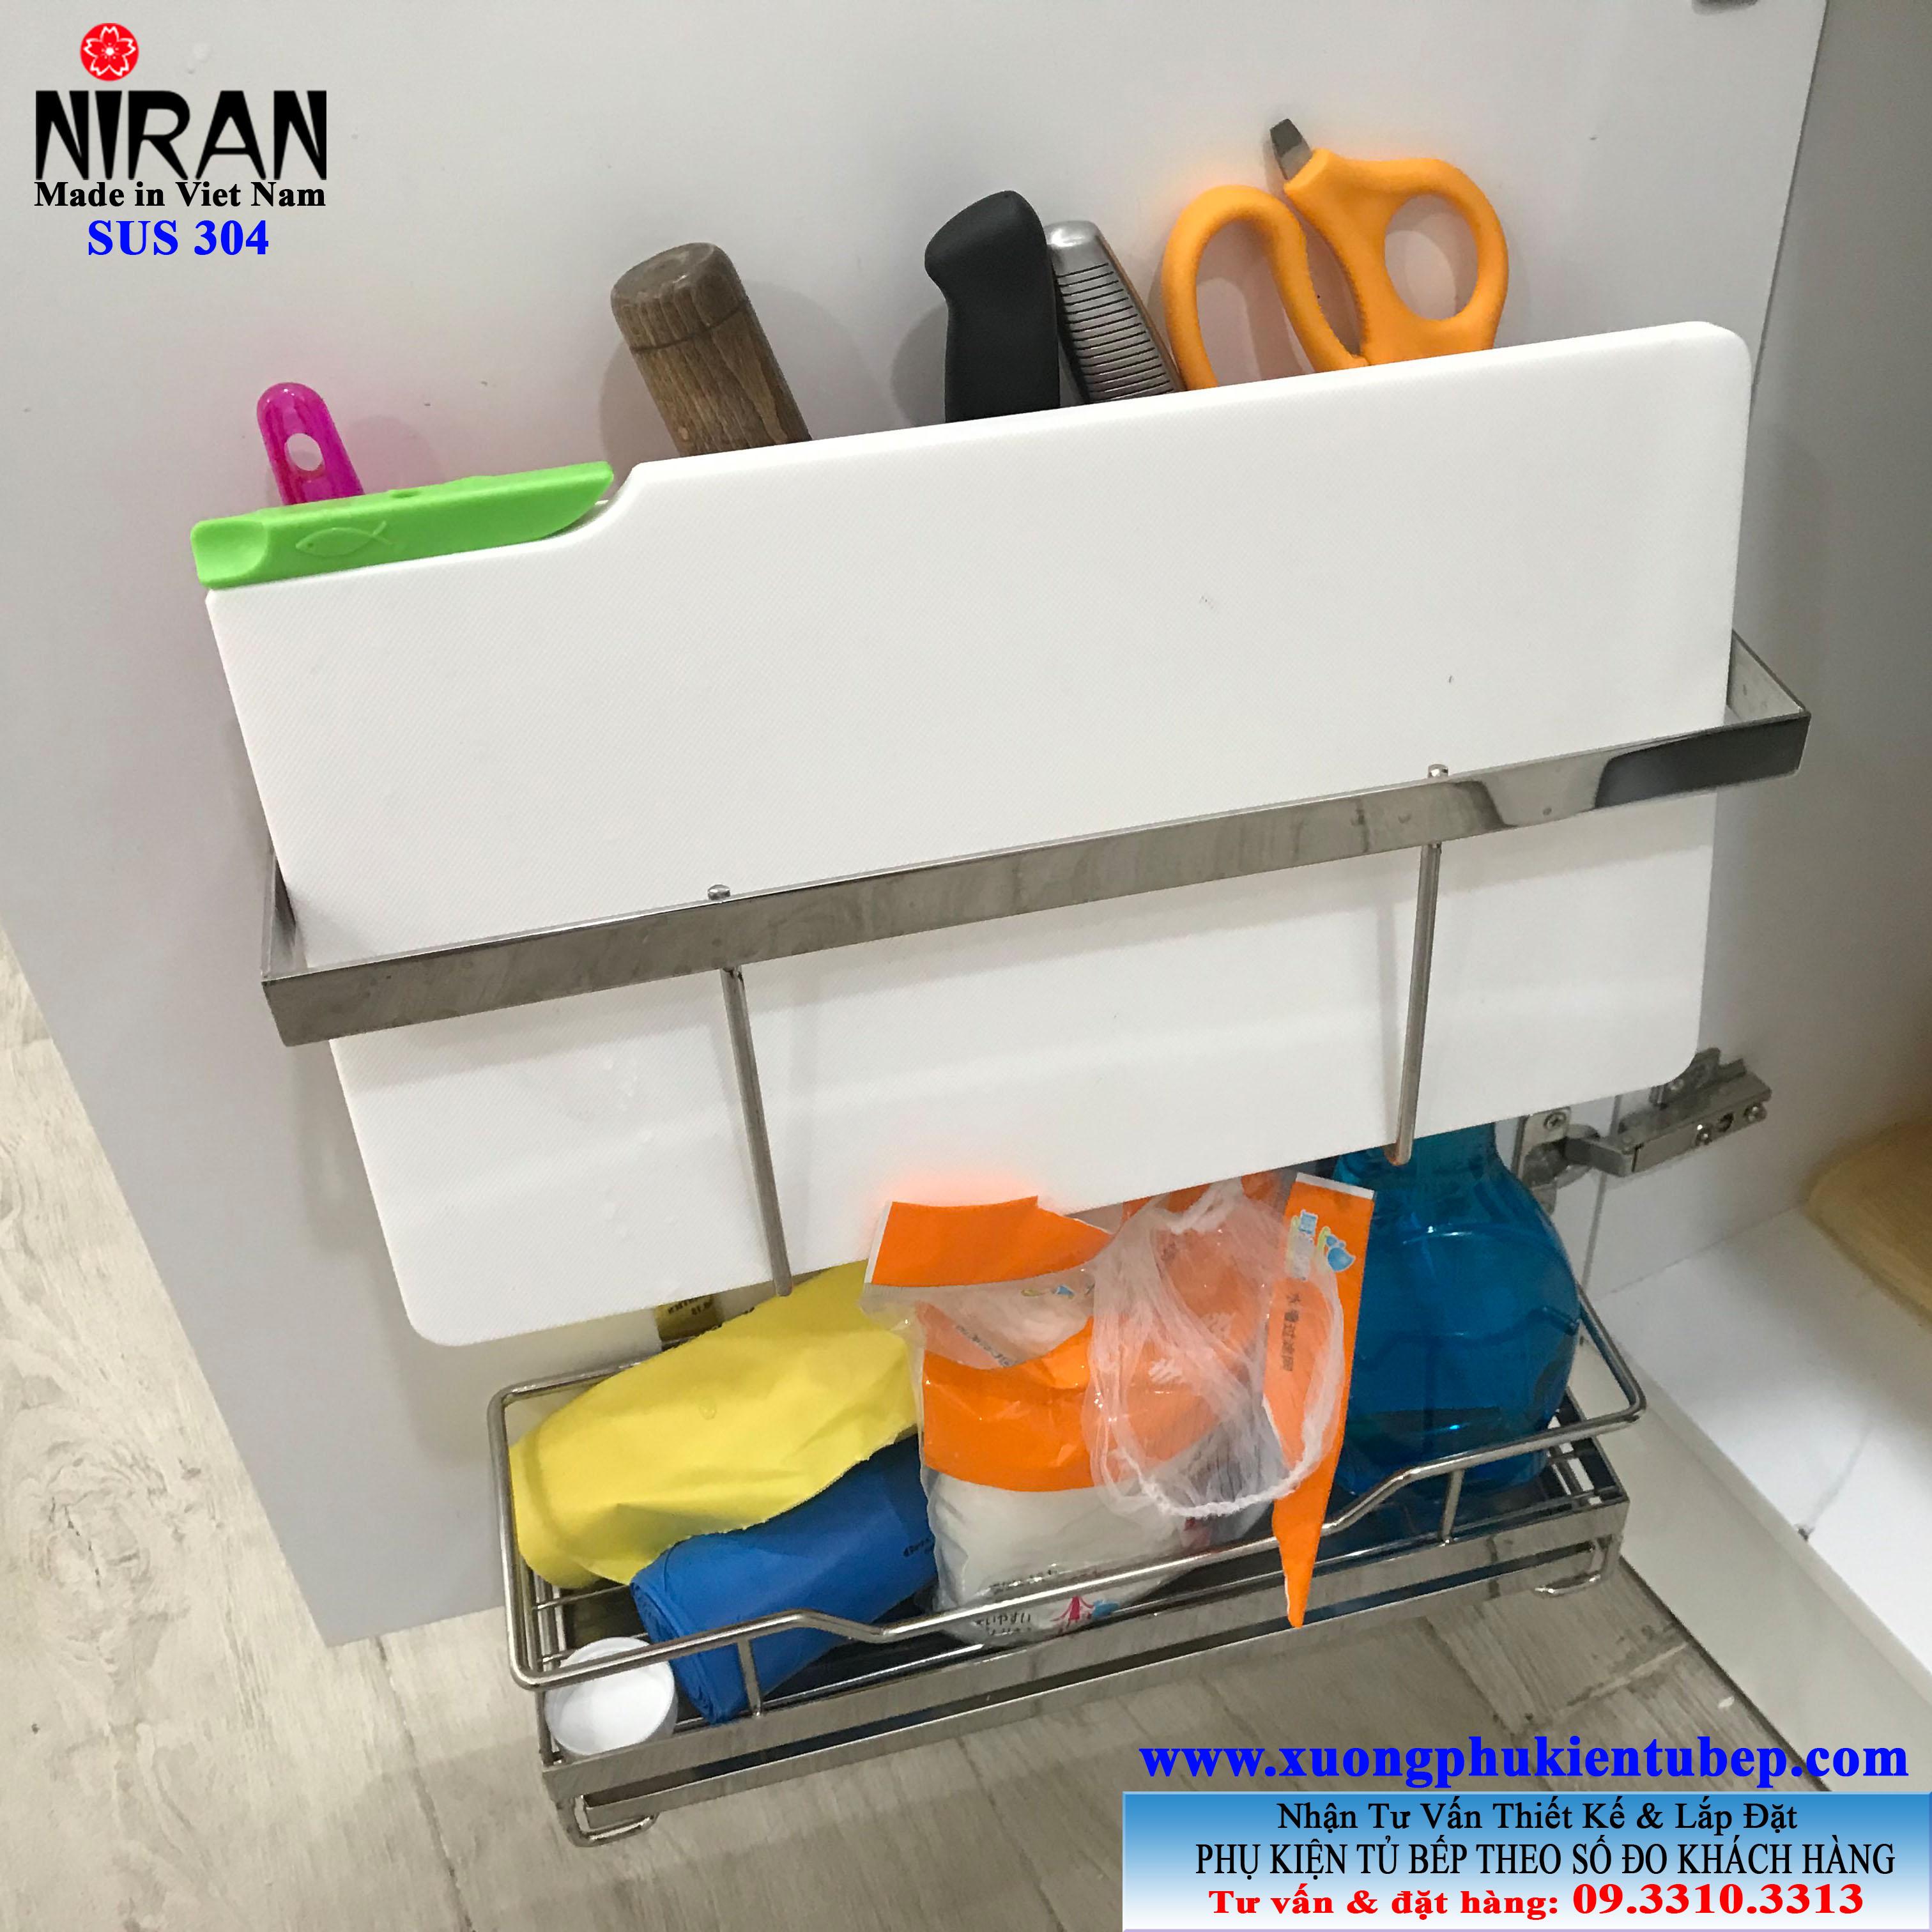 Kệ để dao thớt treo cánh cửa Niran NR3003